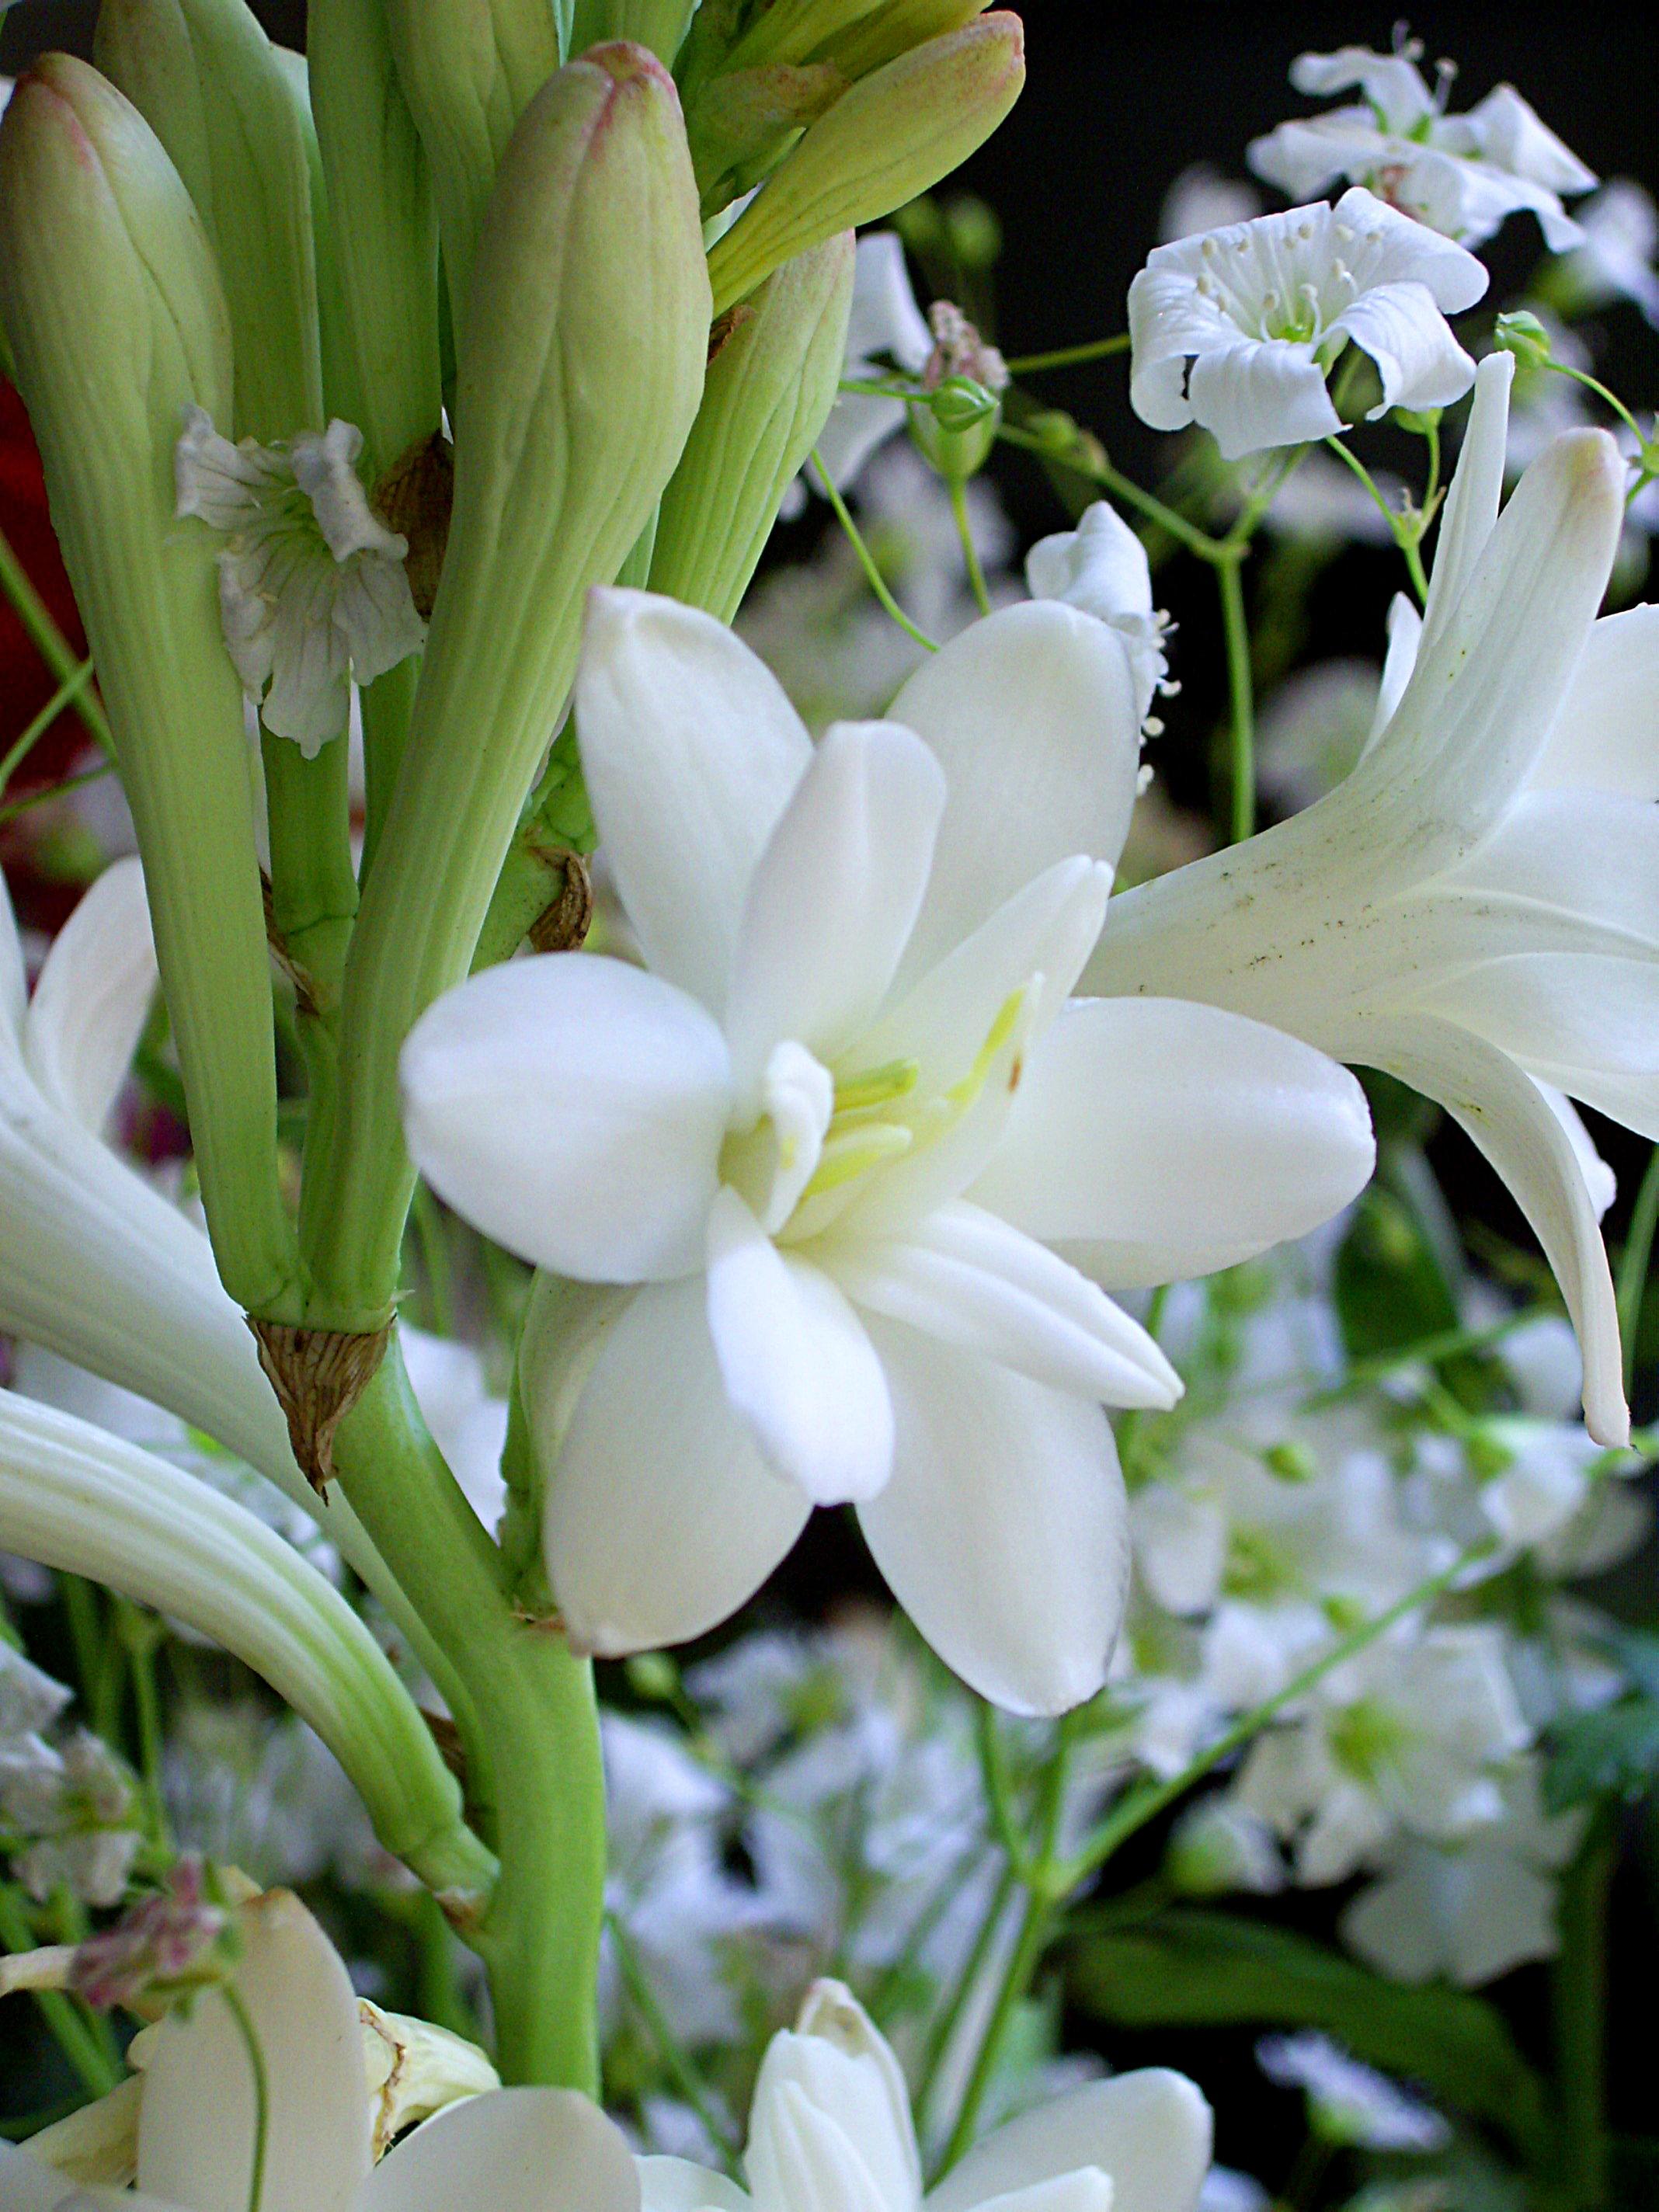 Hoa loa kèn trắng tinh khôi hình ảnh đẹp nhất